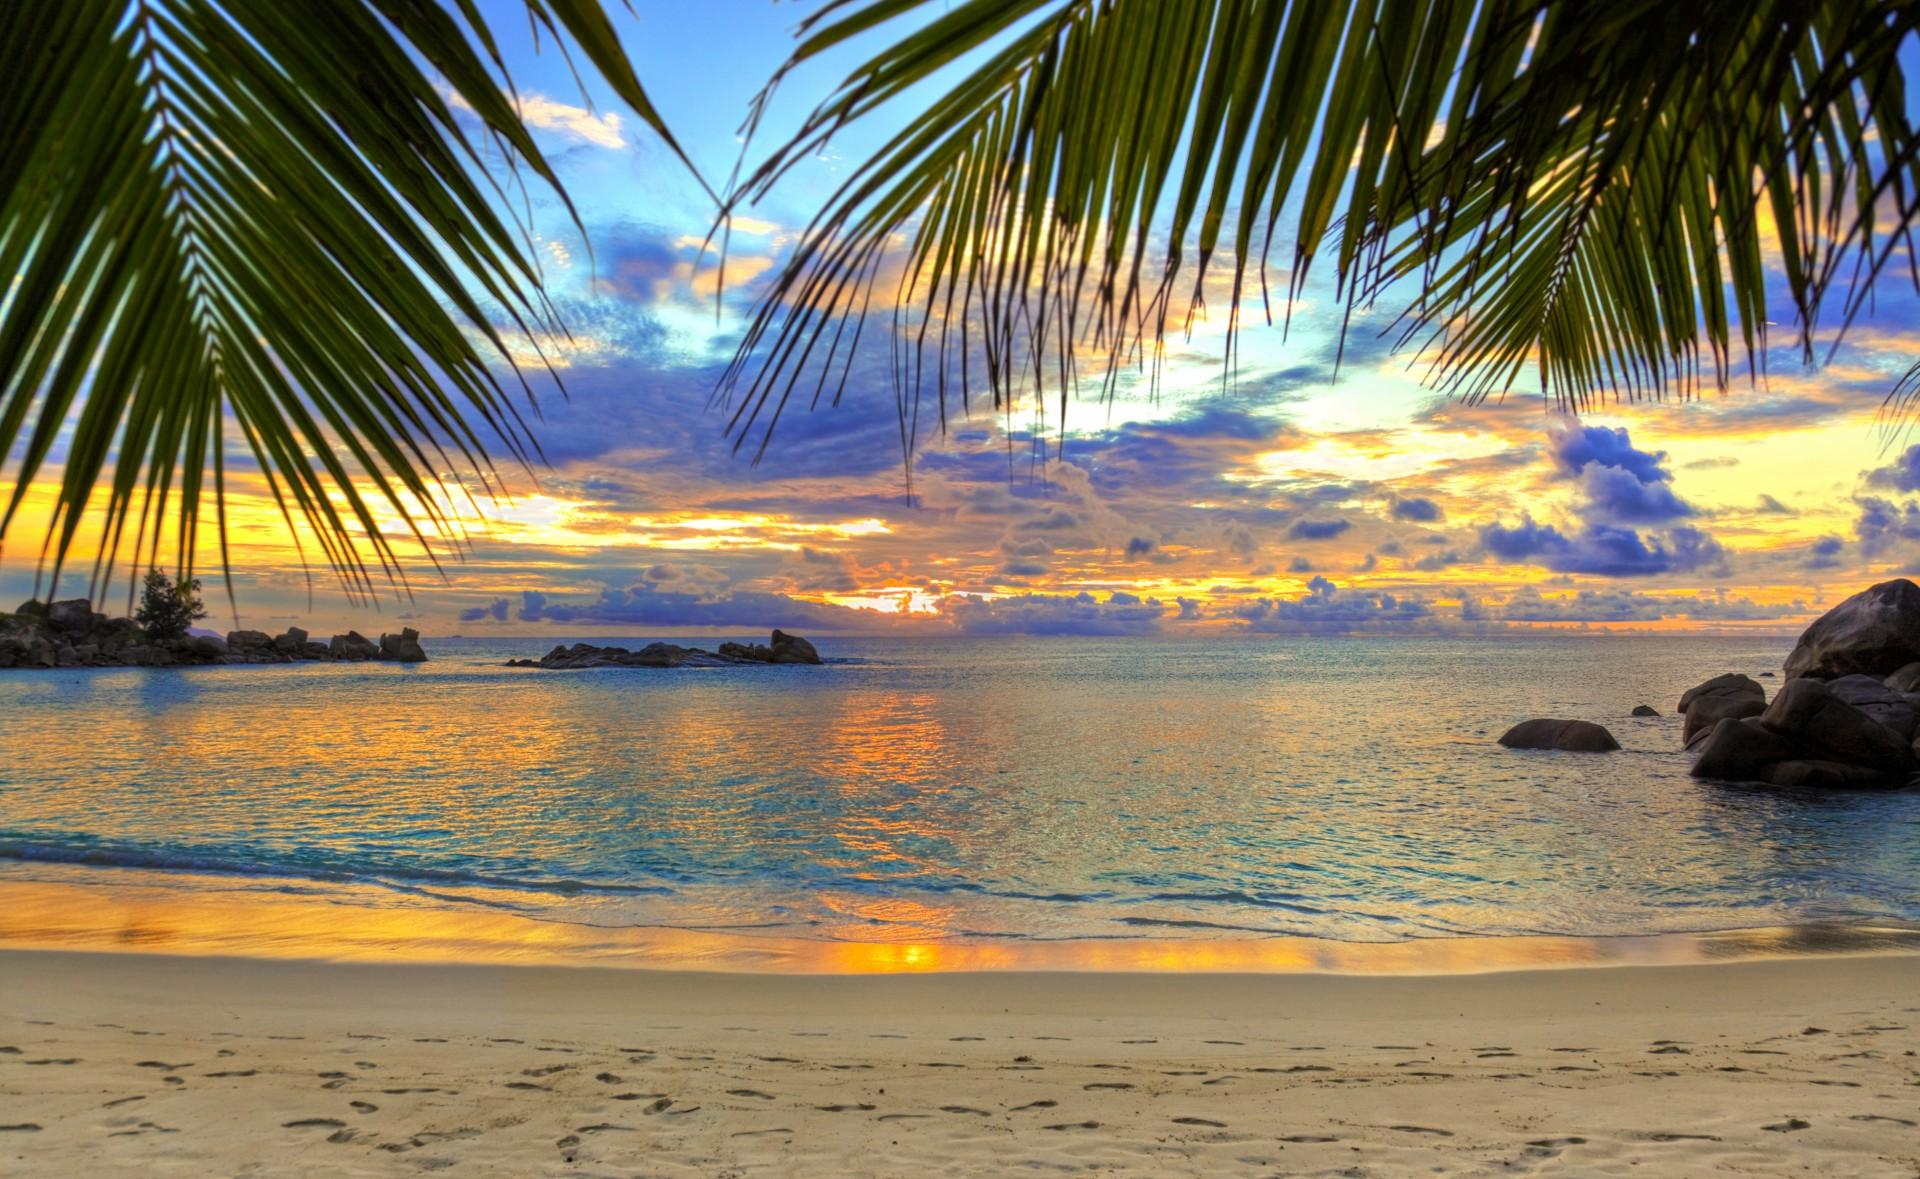 потом думала, качественное фото красивого моря полностью никогда